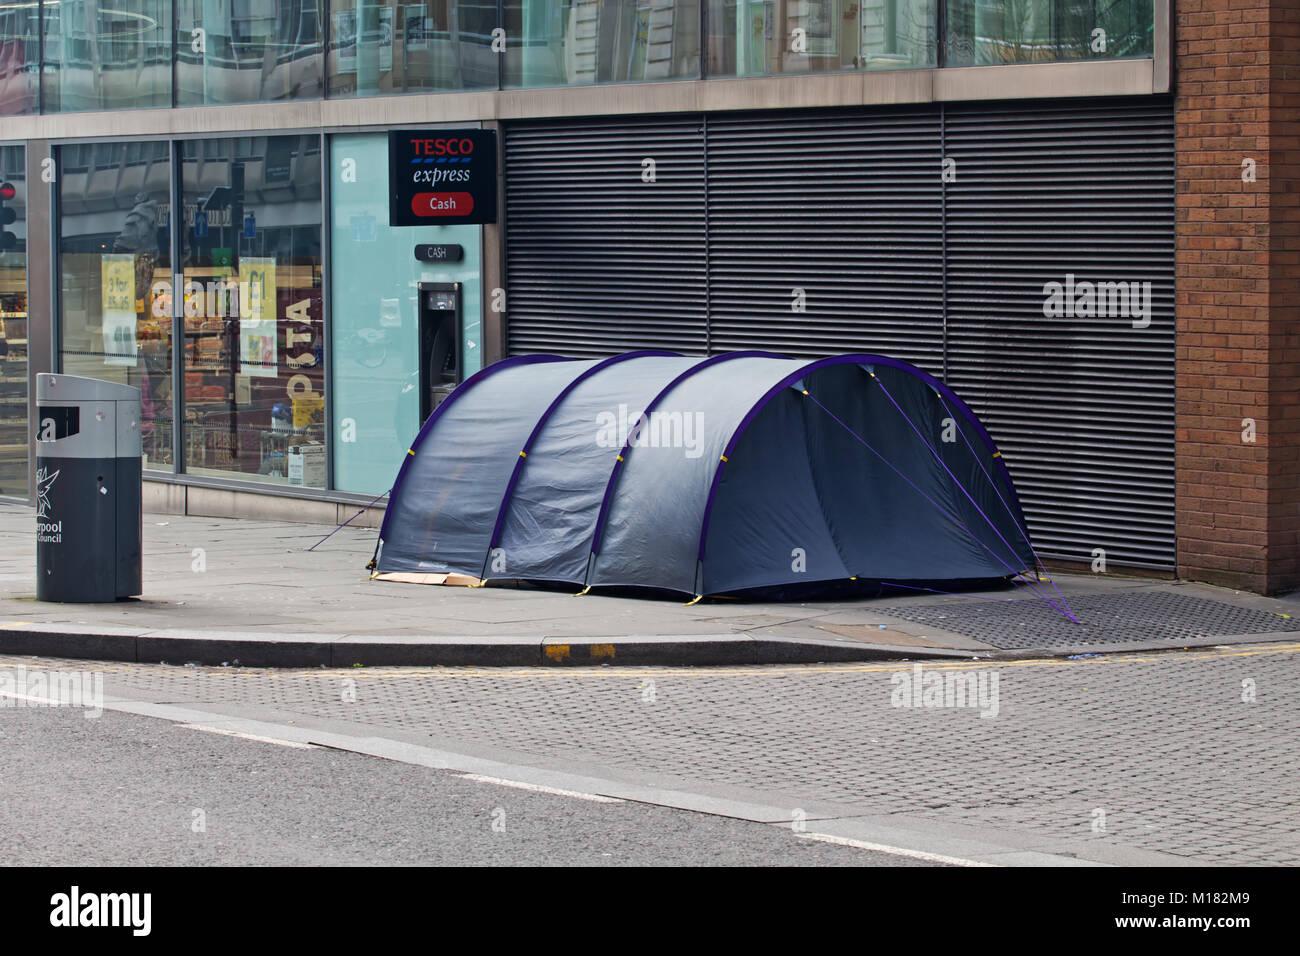 Liverpool UK. 28th January 2018. A homeless man has set up his tent & Homeless Tent Uk Stock Photos u0026 Homeless Tent Uk Stock Images - Alamy